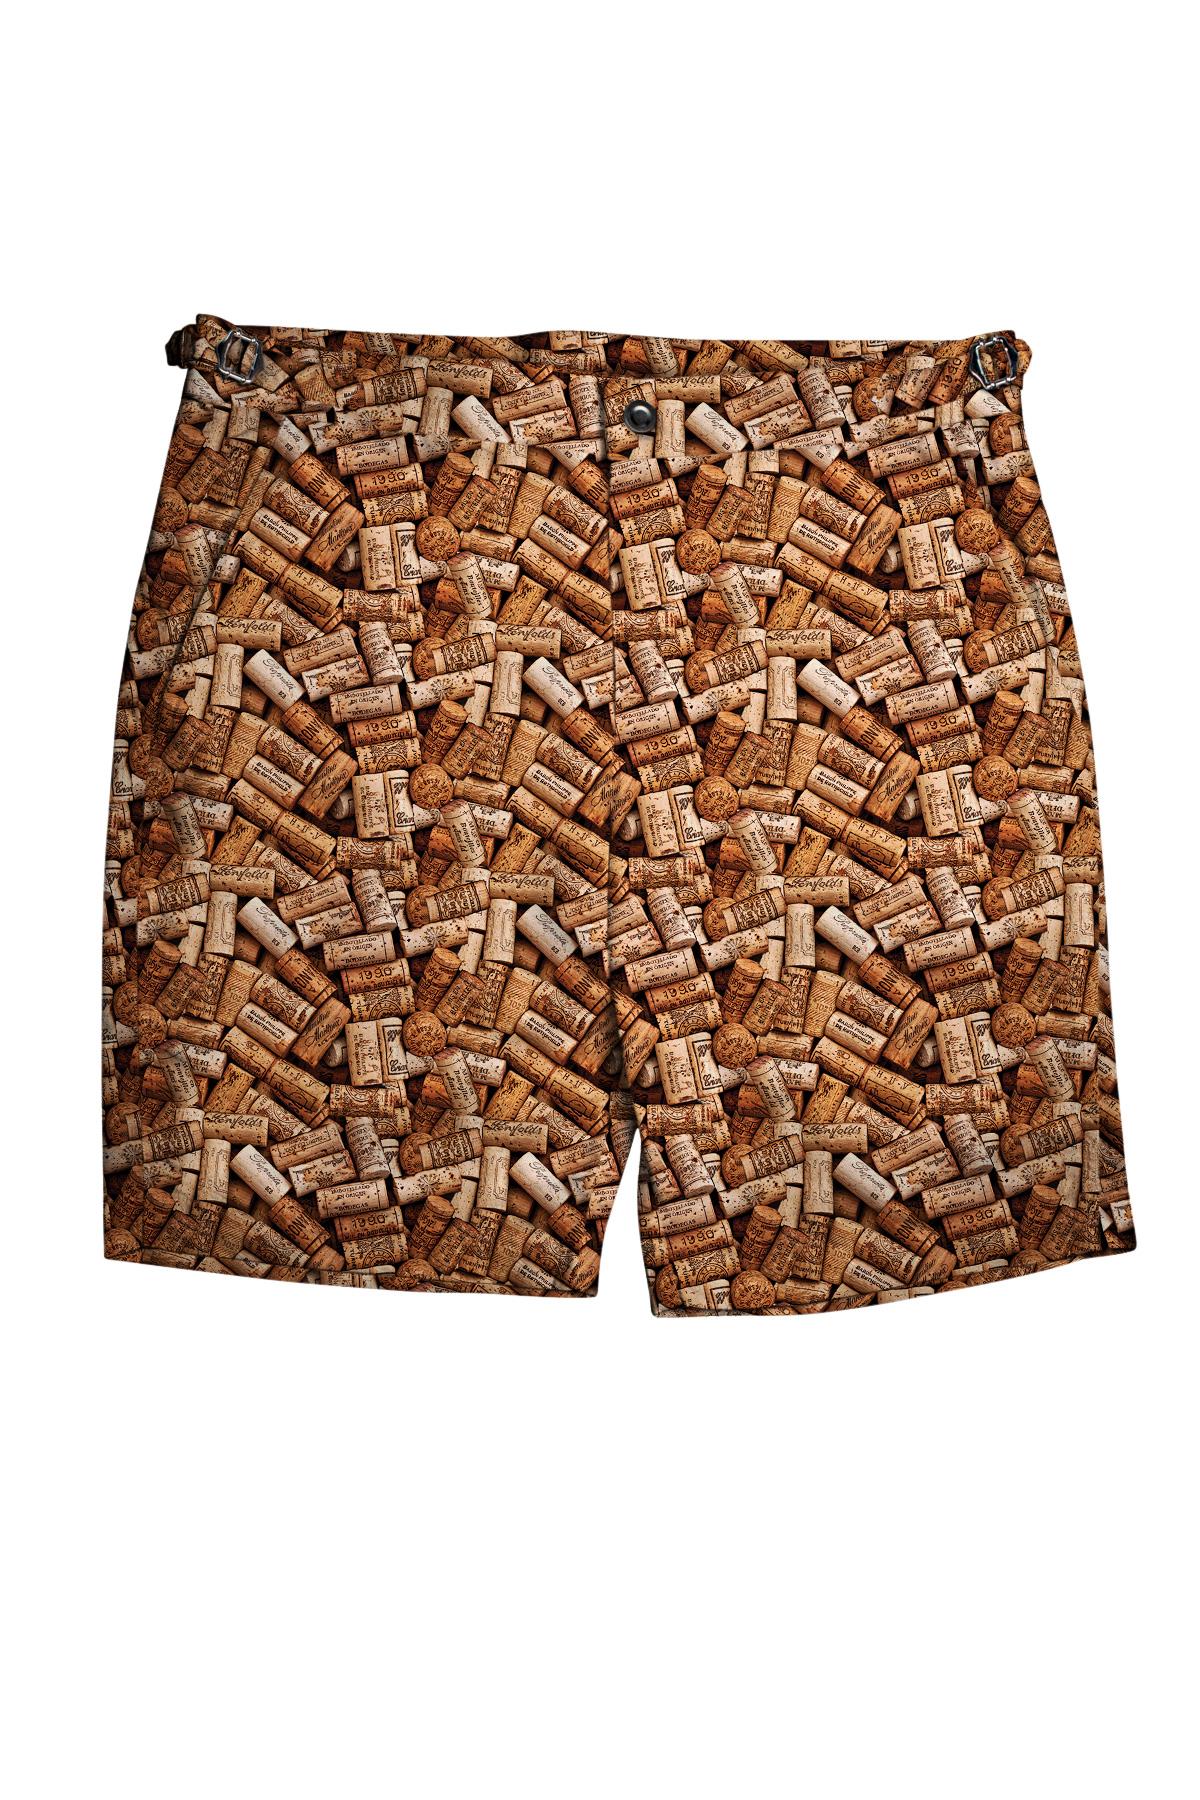 Wine Corks Swim Shorts